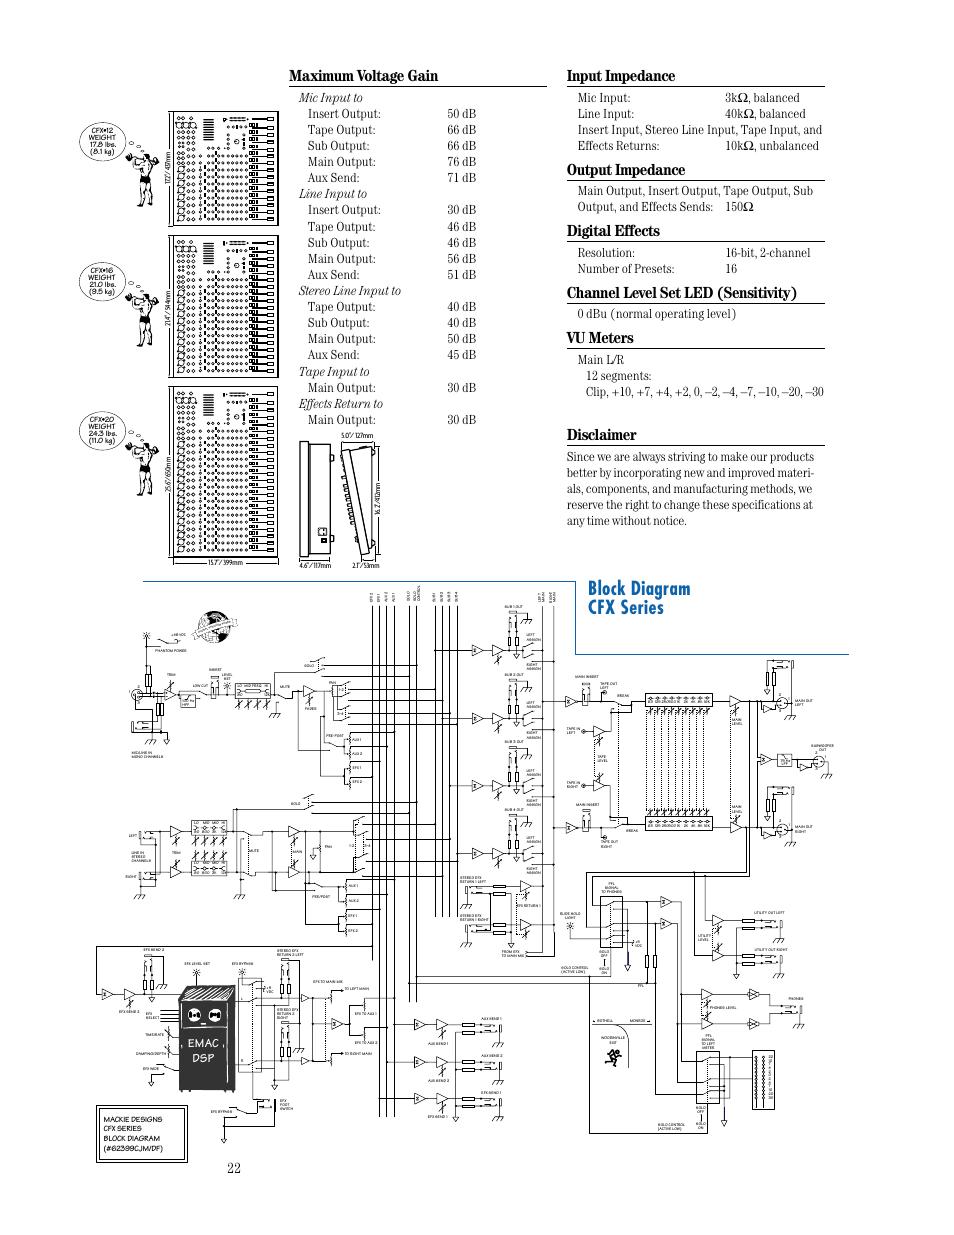 Block diagram, Block diagram cfx series, Maximum voltage